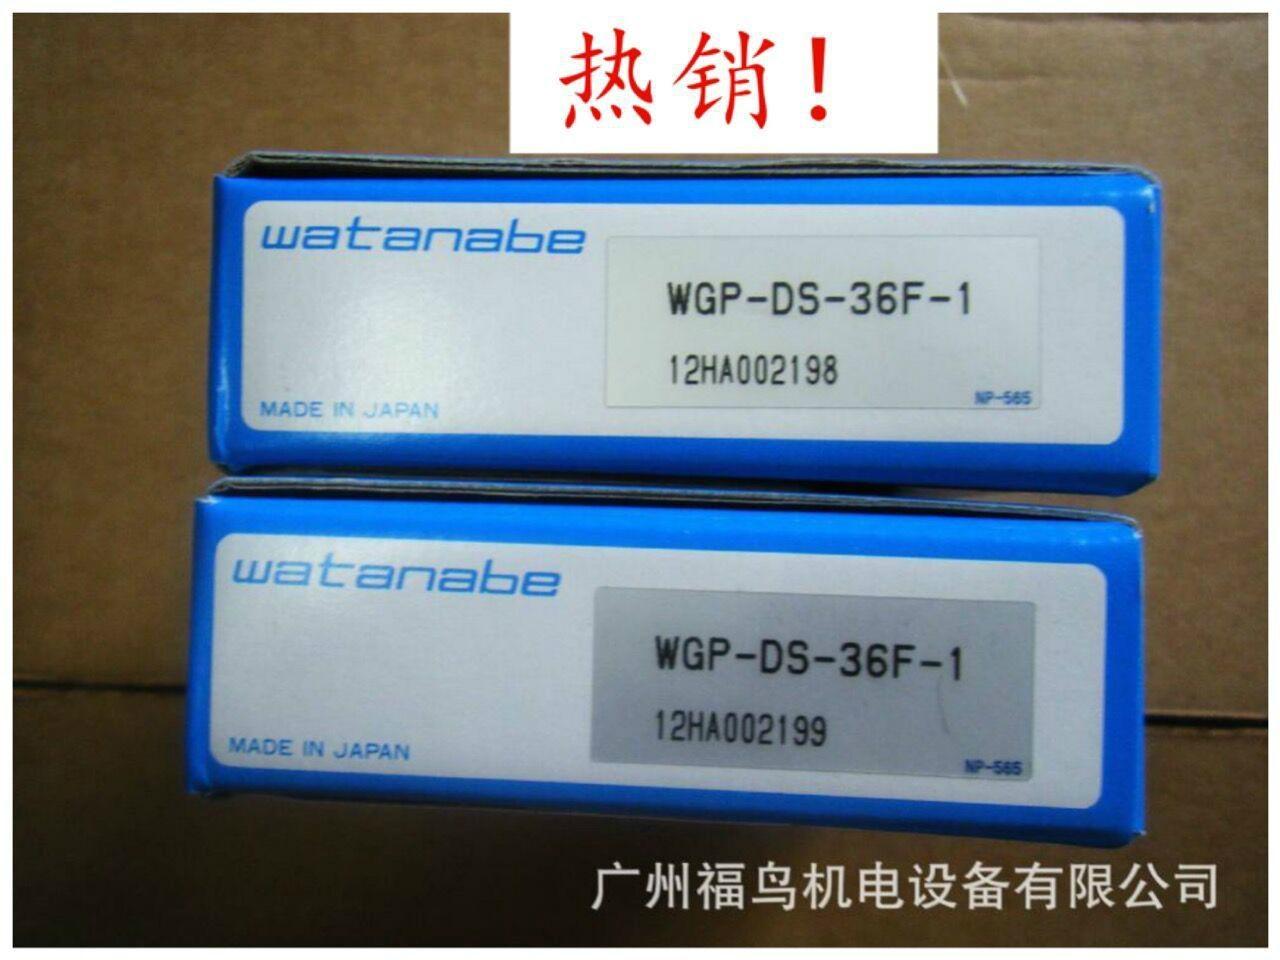 ?WATANABE信号隔离器, 型号: WGP-DS-36F-1